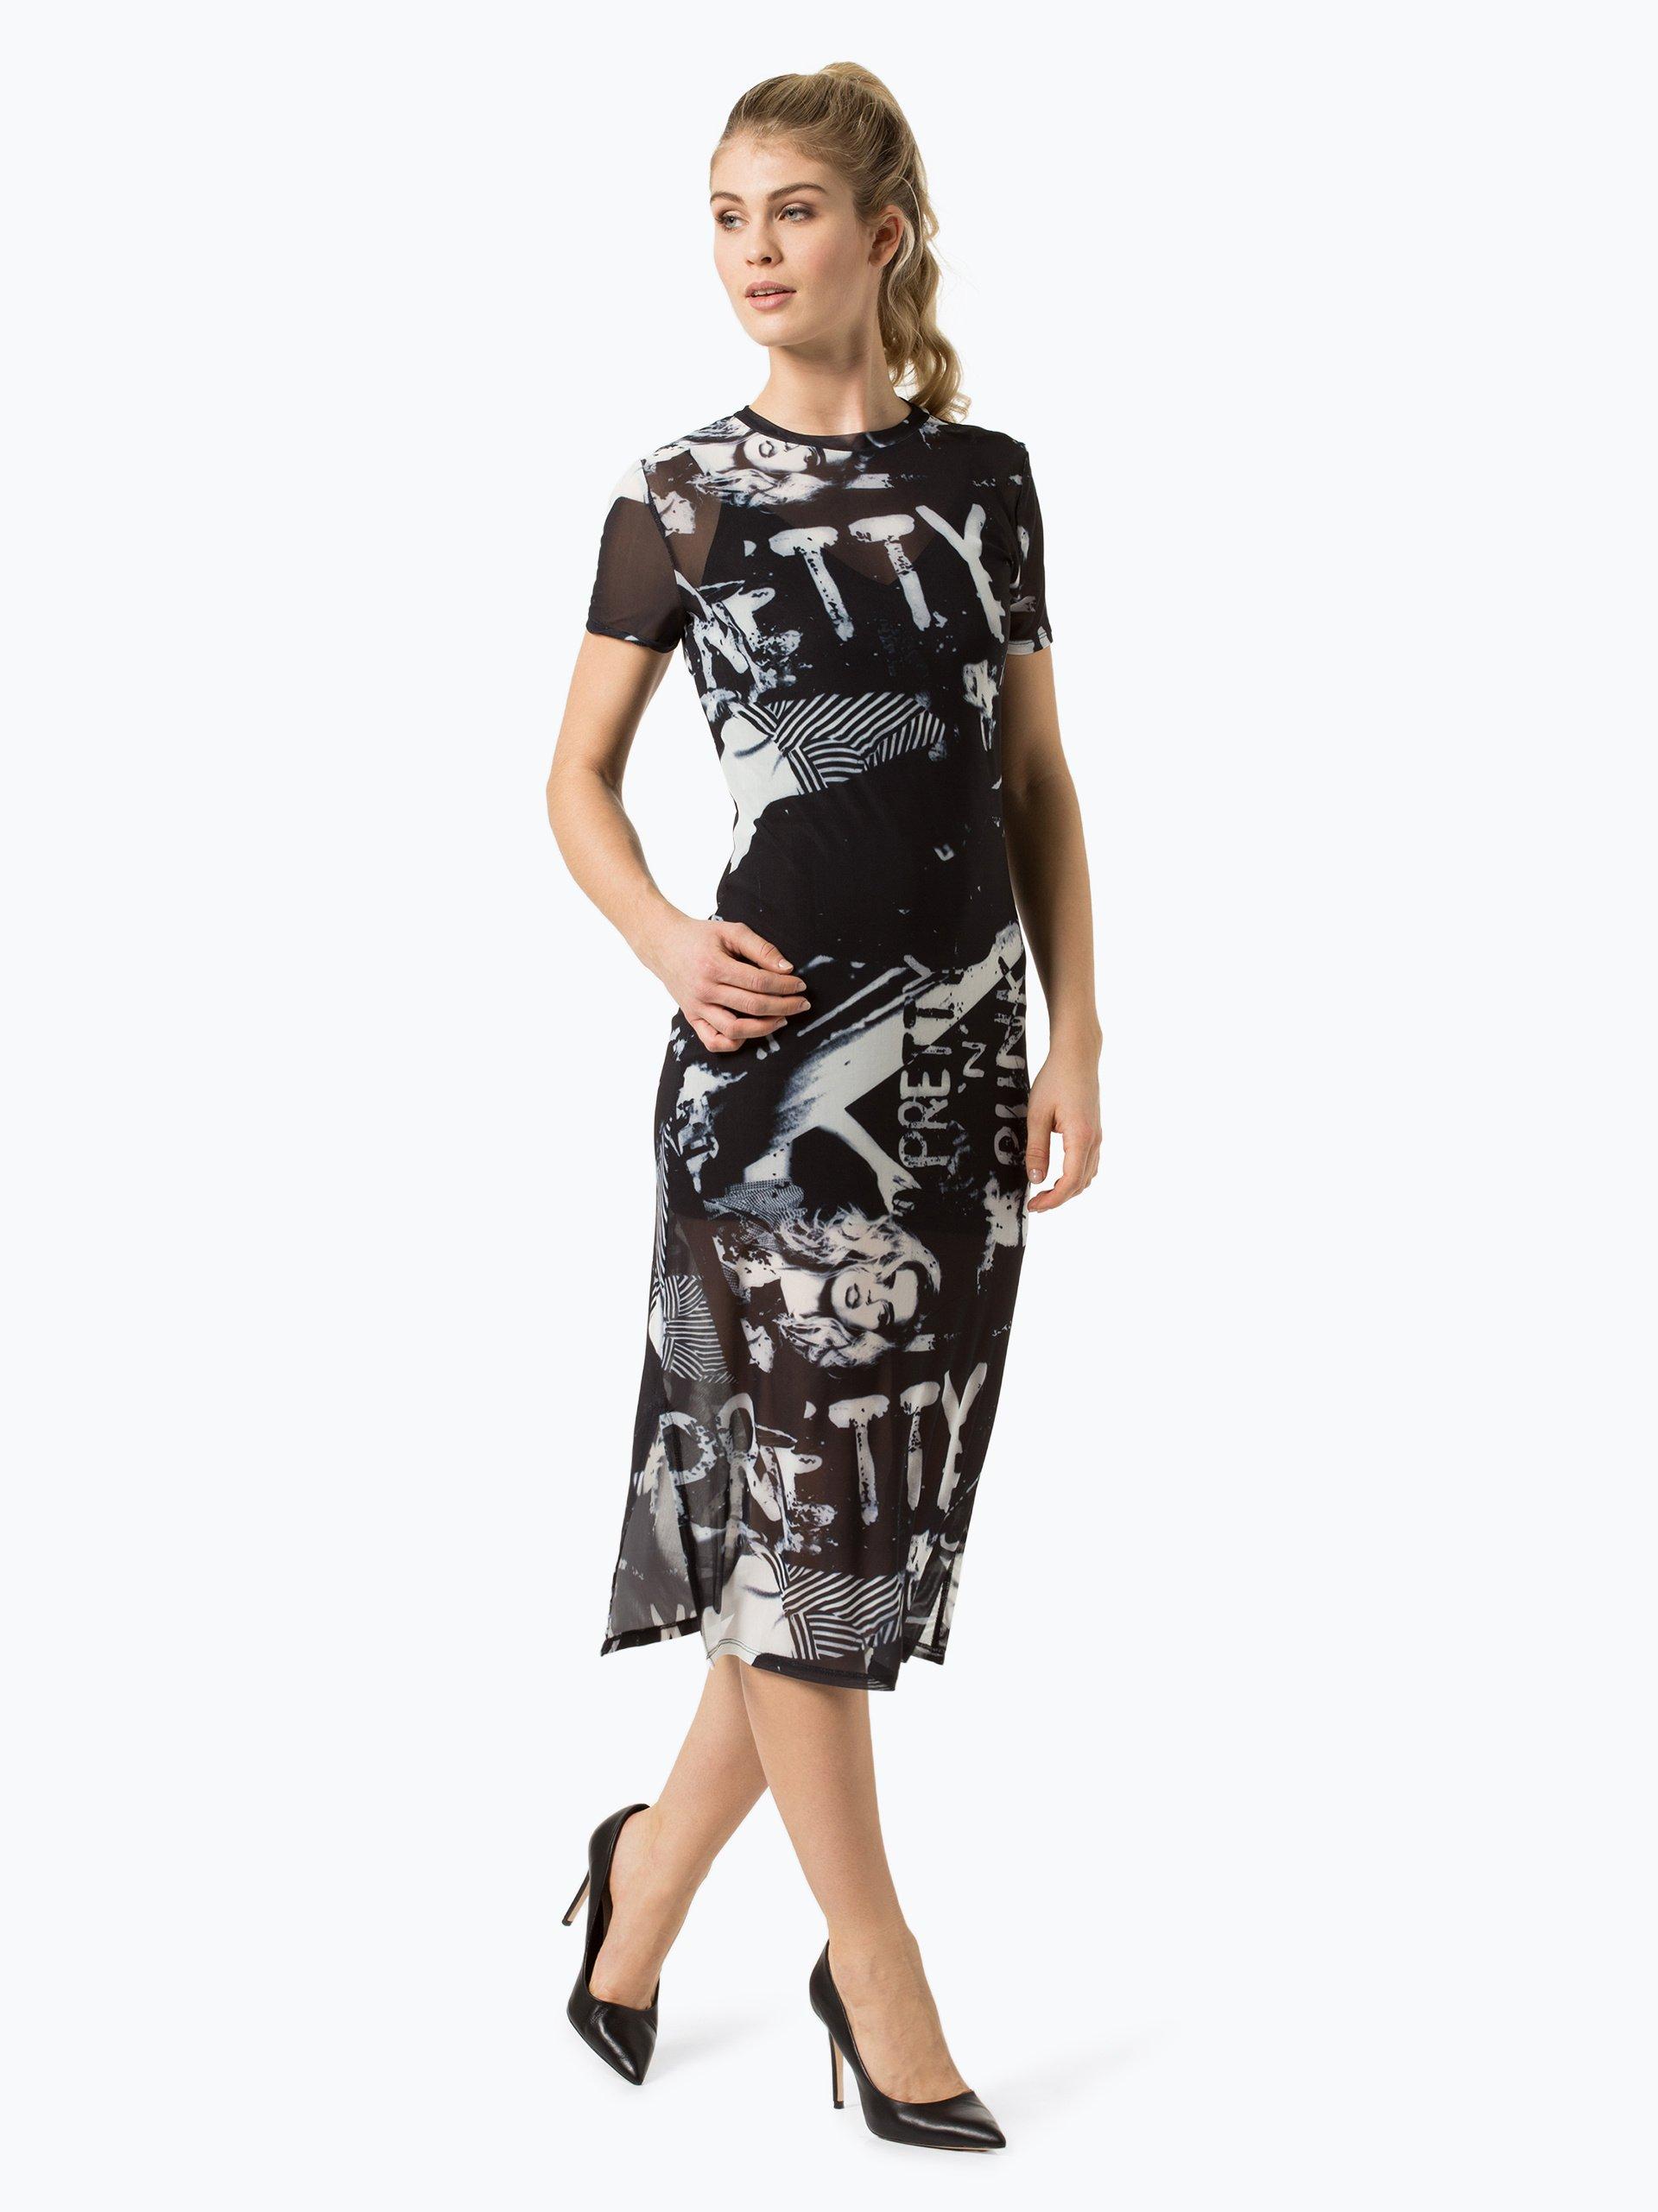 Guess Jeans Damen Kleid online kaufen | VANGRAAF.COM